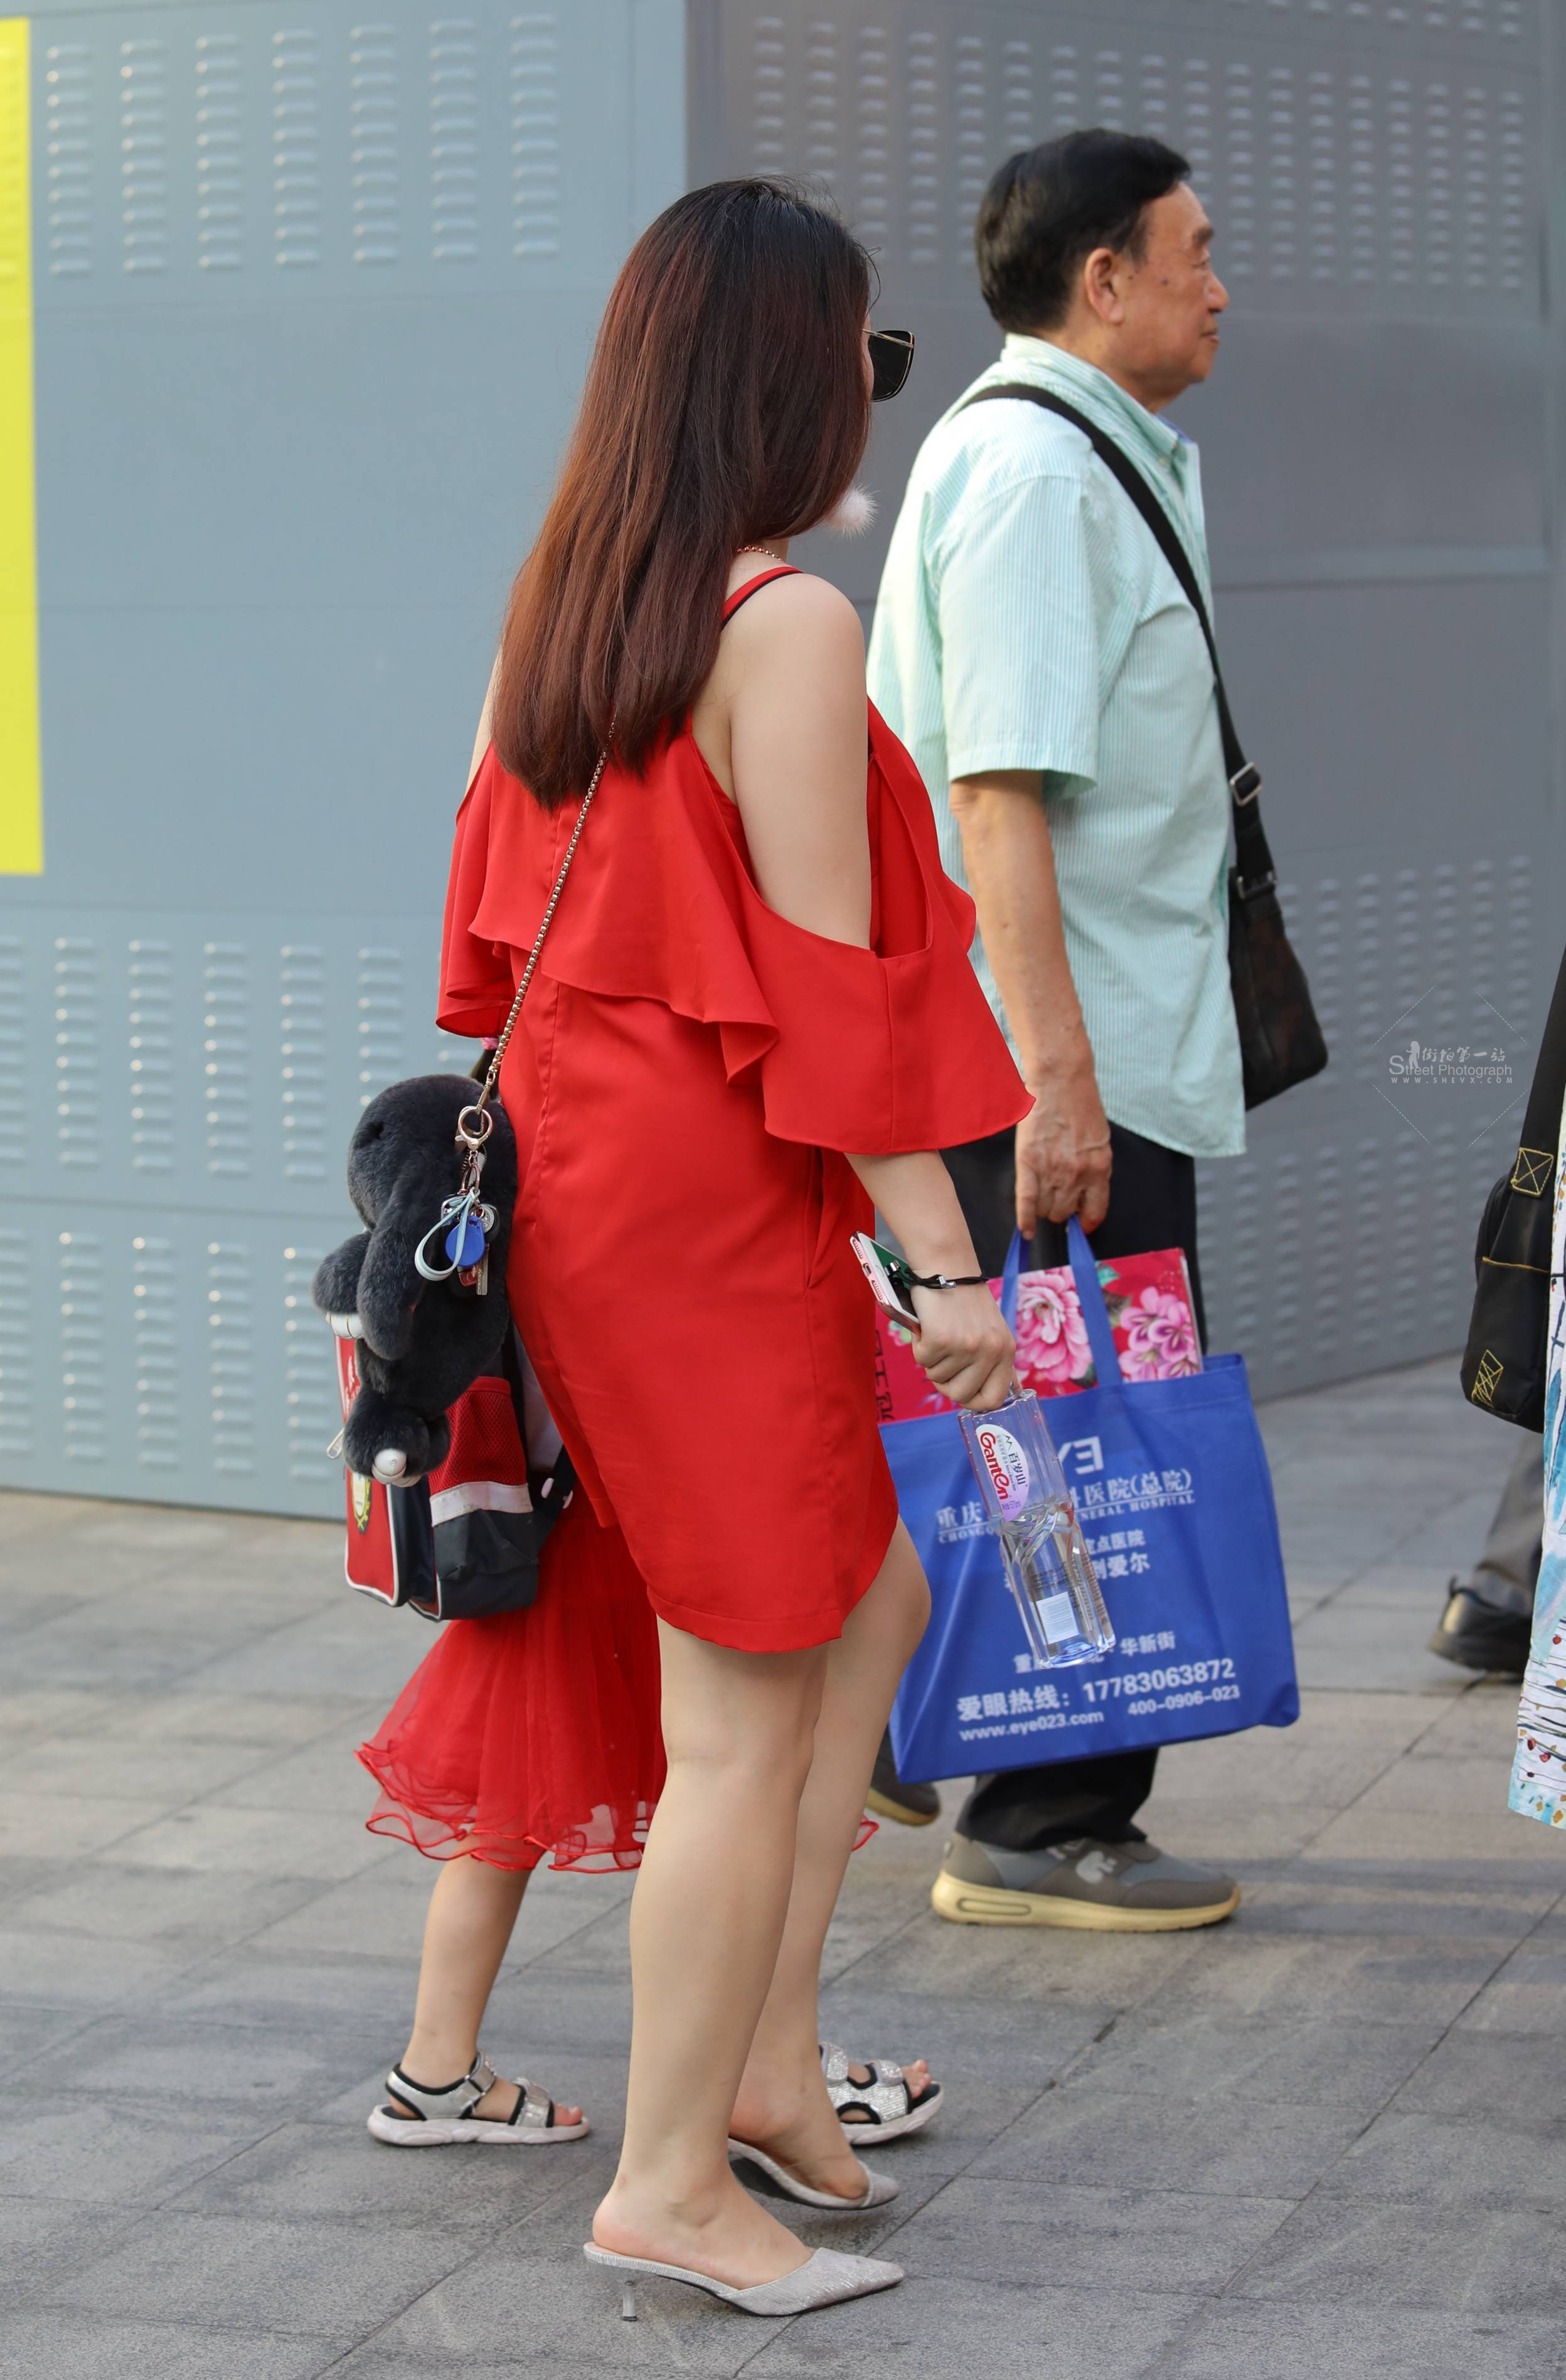 街拍高跟 【珏一笑而过】红裙 高跟 最新街拍丝袜图片 街拍丝袜第一站